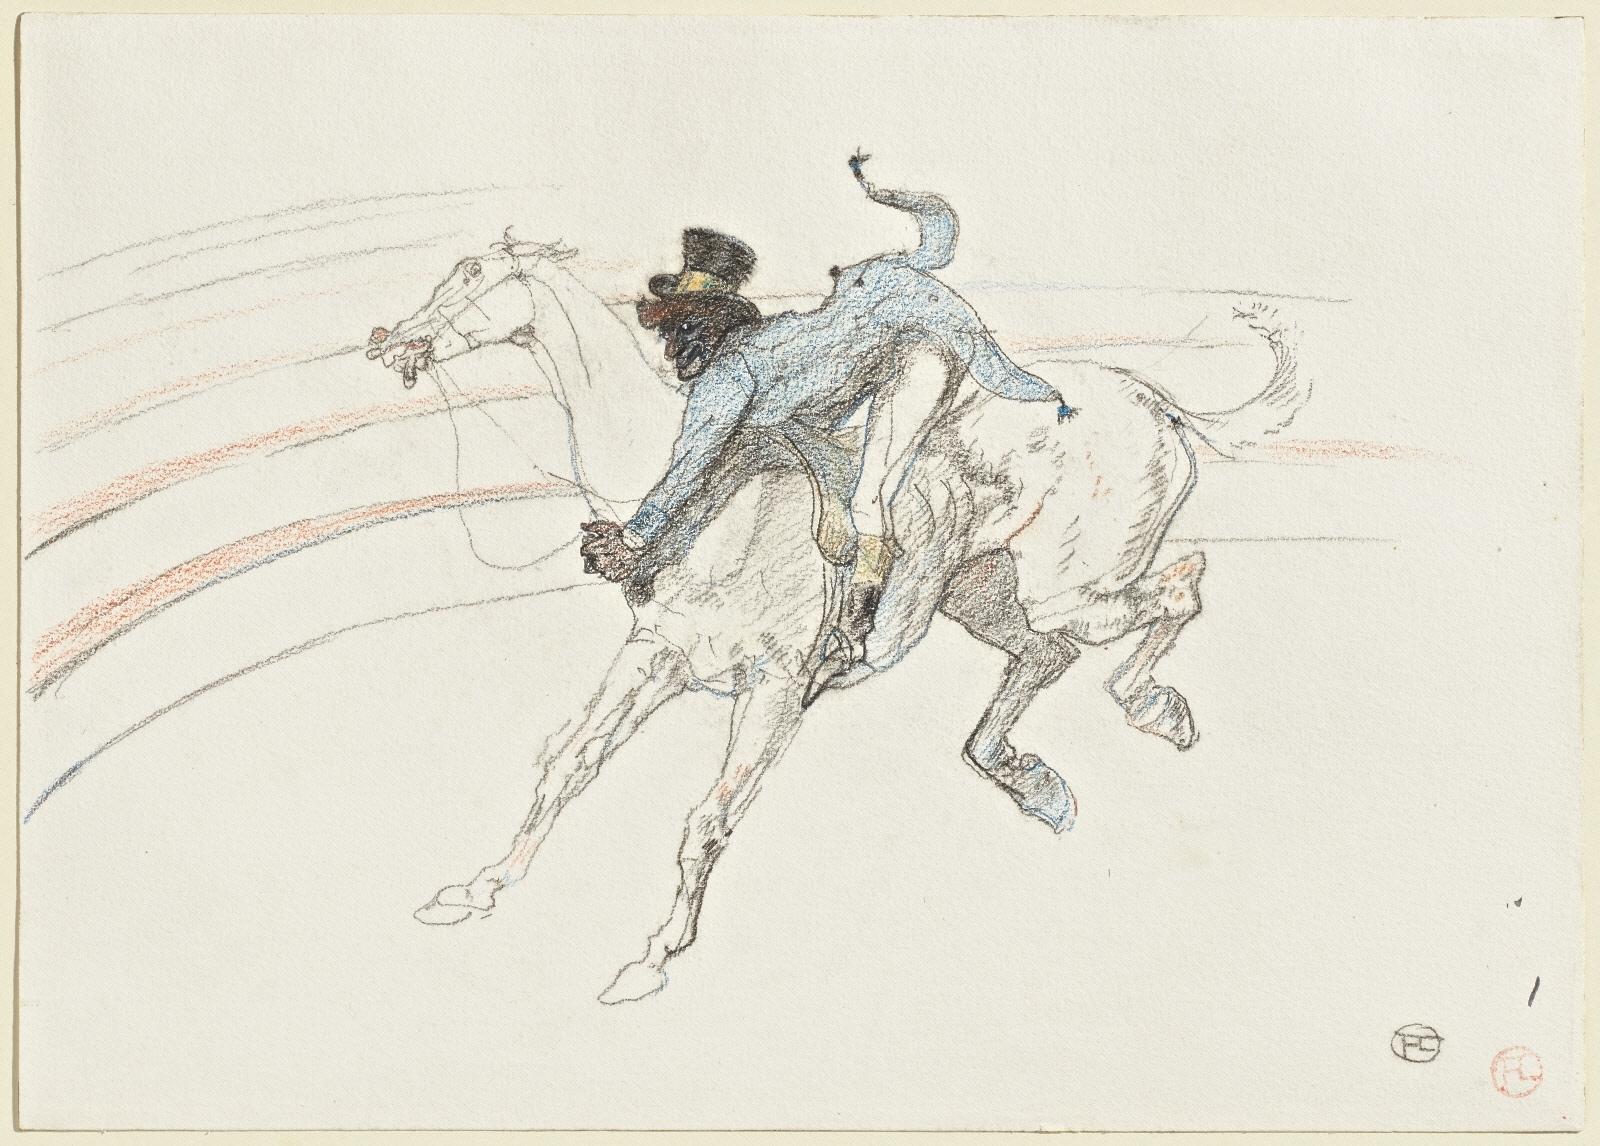 peinture, écriture, Toulouse-Lautrec, cirque